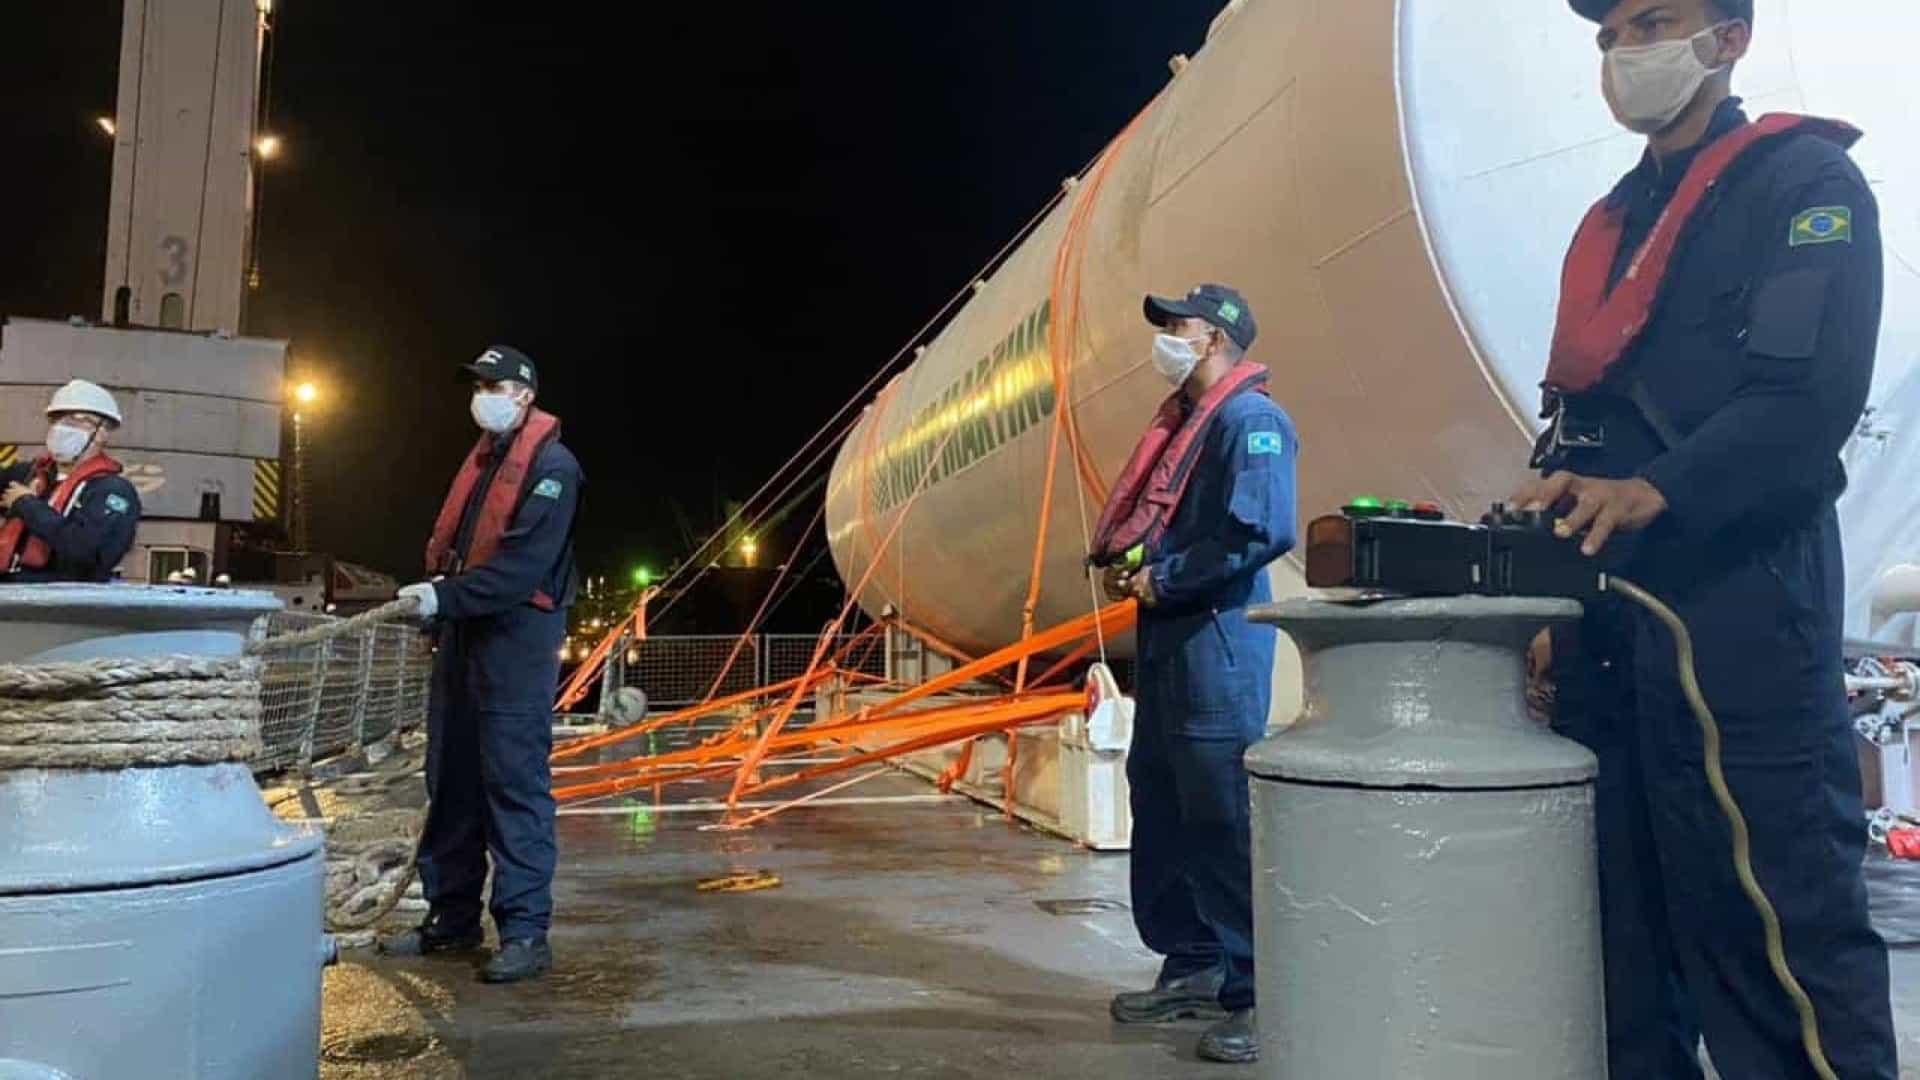 naom 6011d8cc23a88 - OPERAÇÃO COVID-19: Navio da Marinha leva oxigênio a hospitais de Manaus